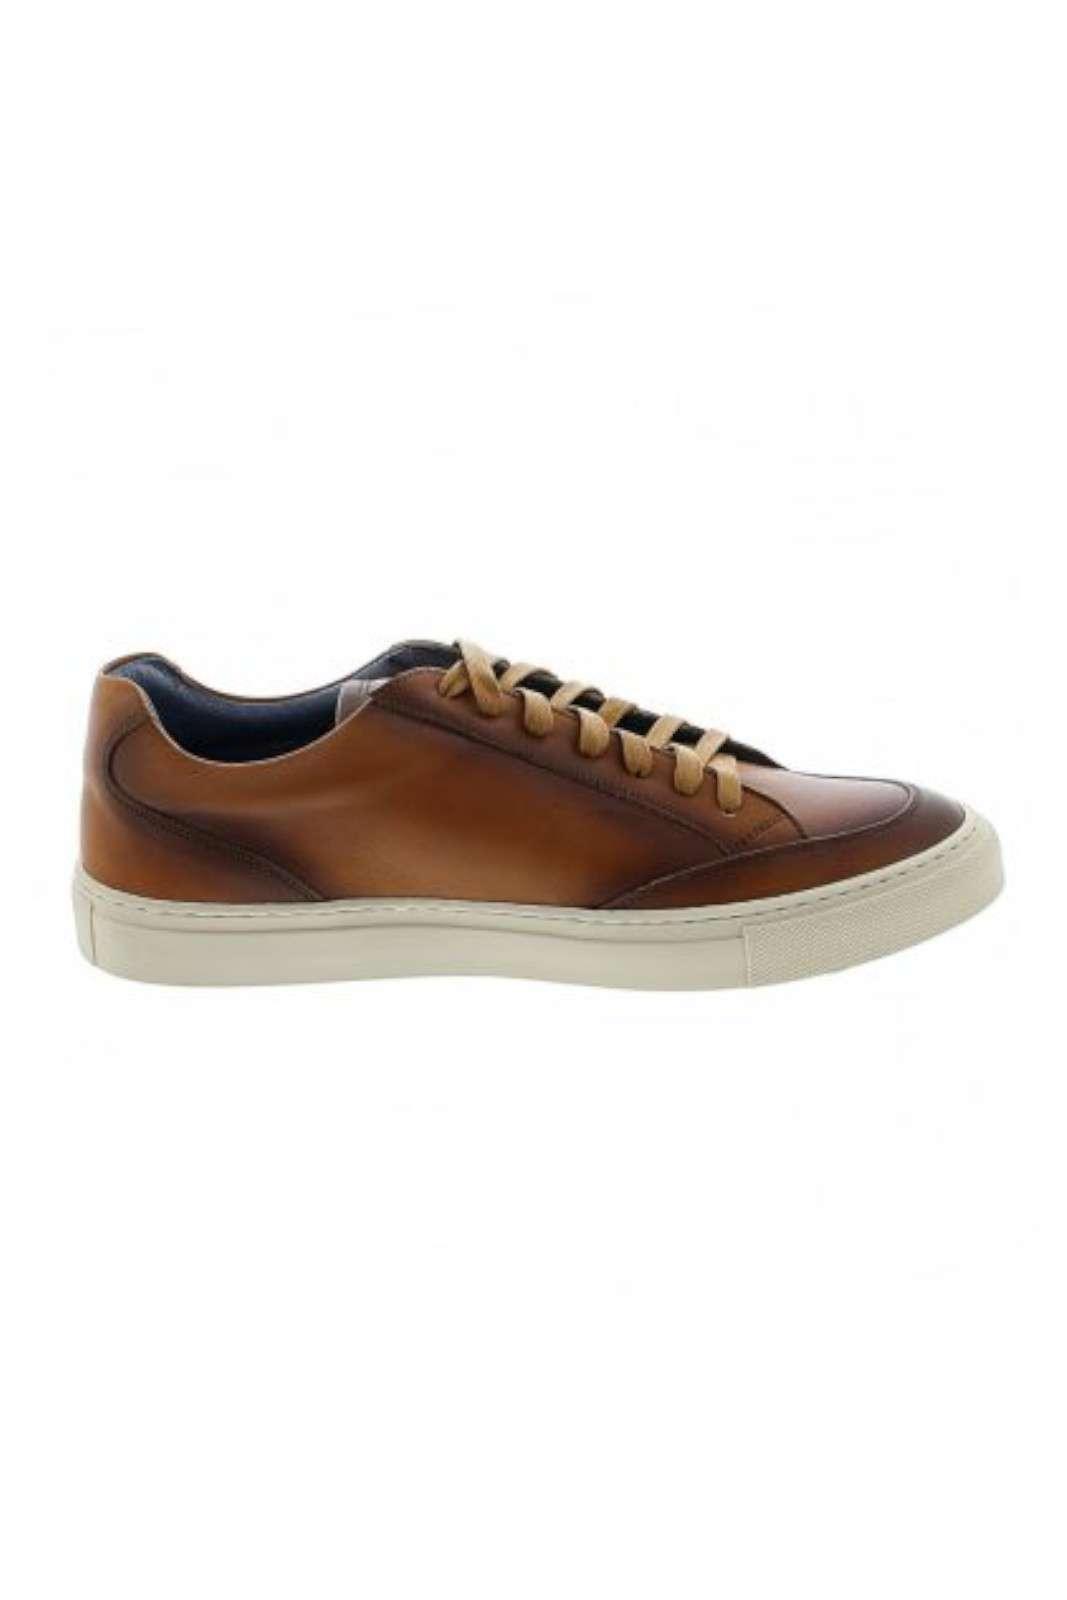 Per l'uomo che ama calzature dallo stile classico, elegante e raffinato. Realizzate in pura pelle, garantiranno comfort prolungato, e un look impeccabile in ogni occasioni, da quelle casual, alle più impostate.